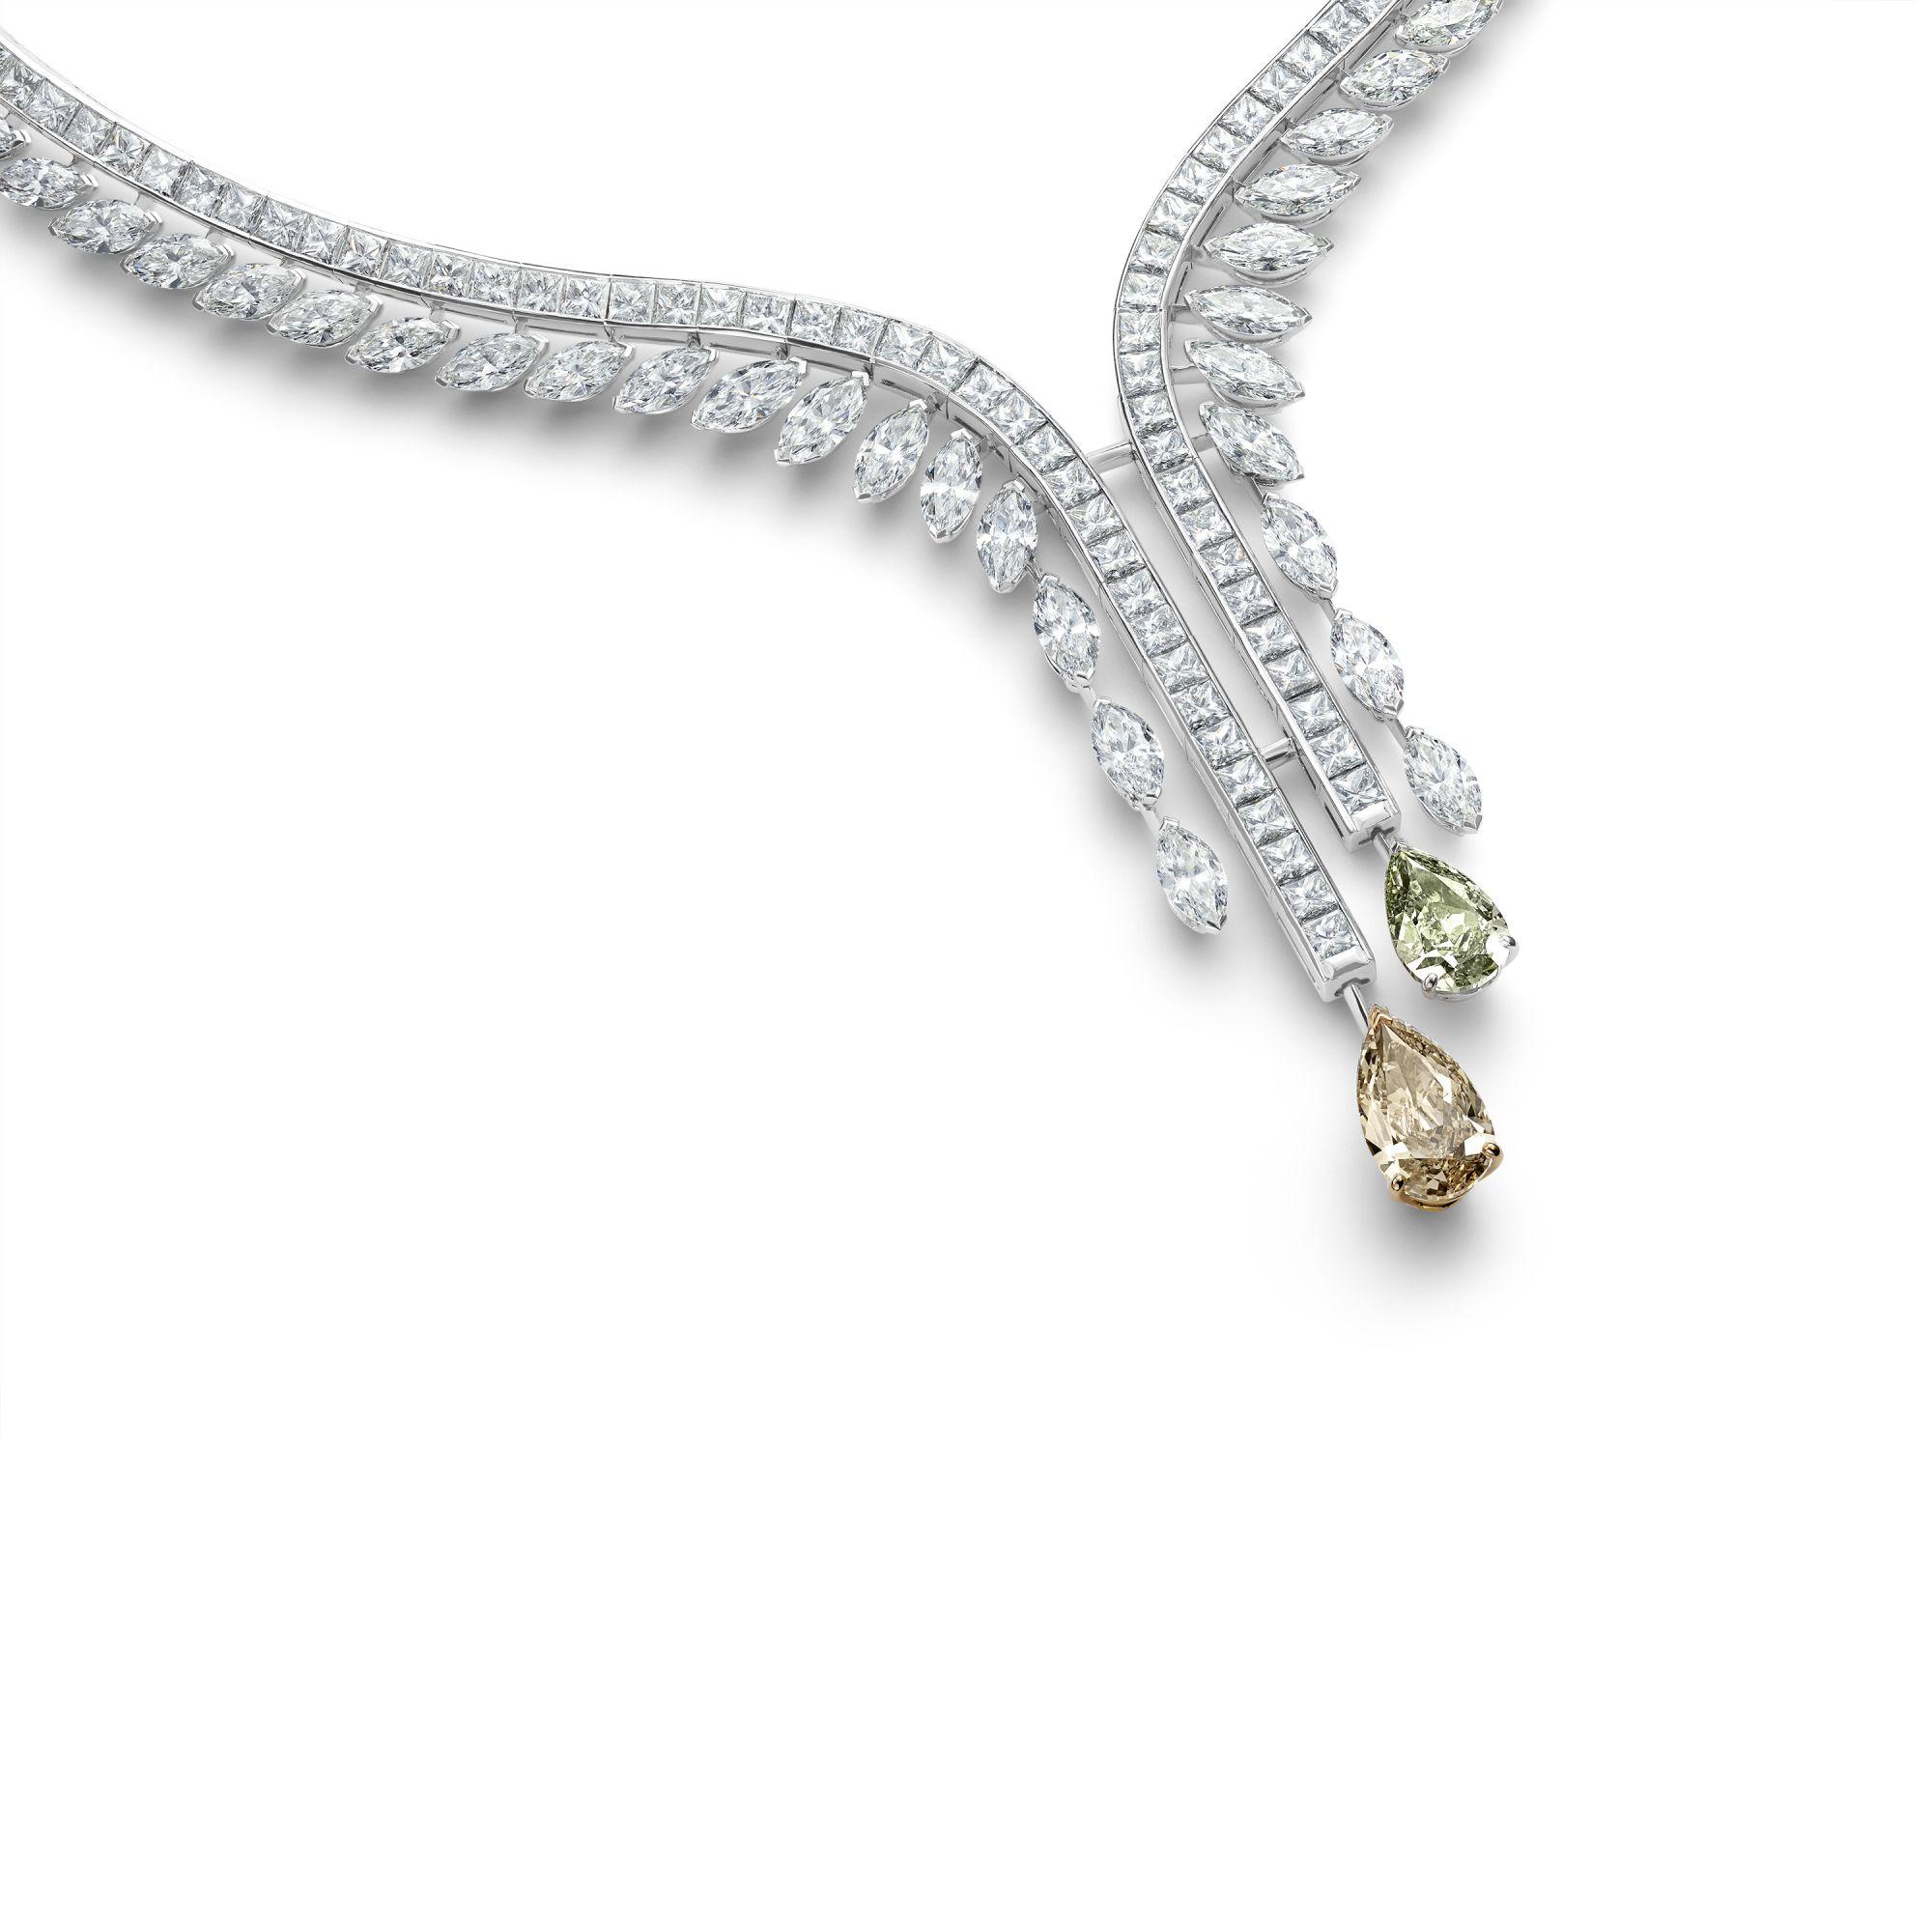 Diamond Legends by De Beers 系列 Cupid 高級珠寶鑽石項鍊